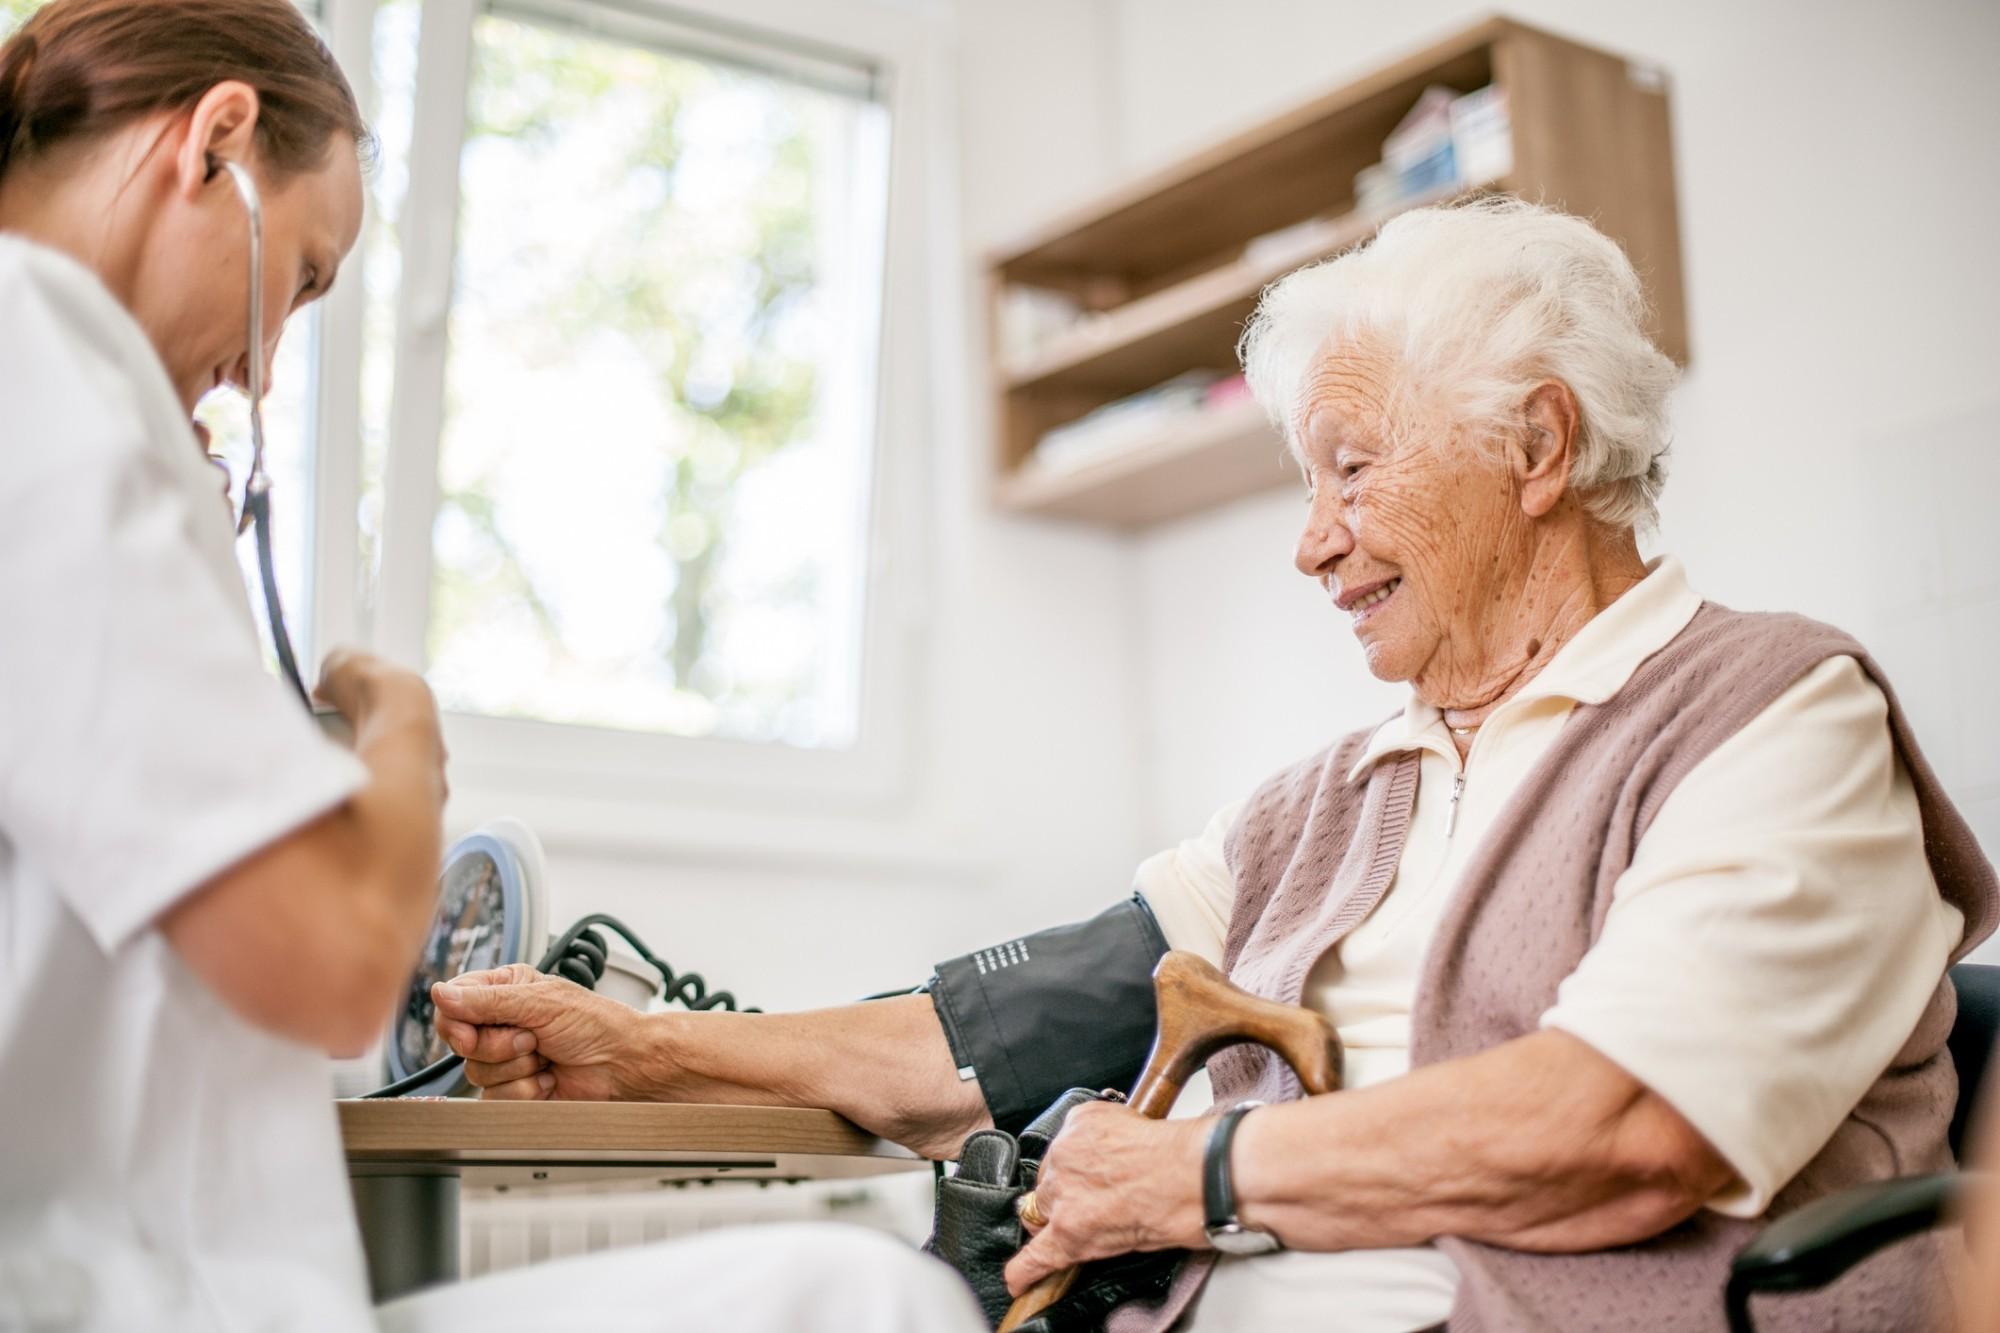 Veja as principais doenças cardiovasculares em idosos e como tratá-las